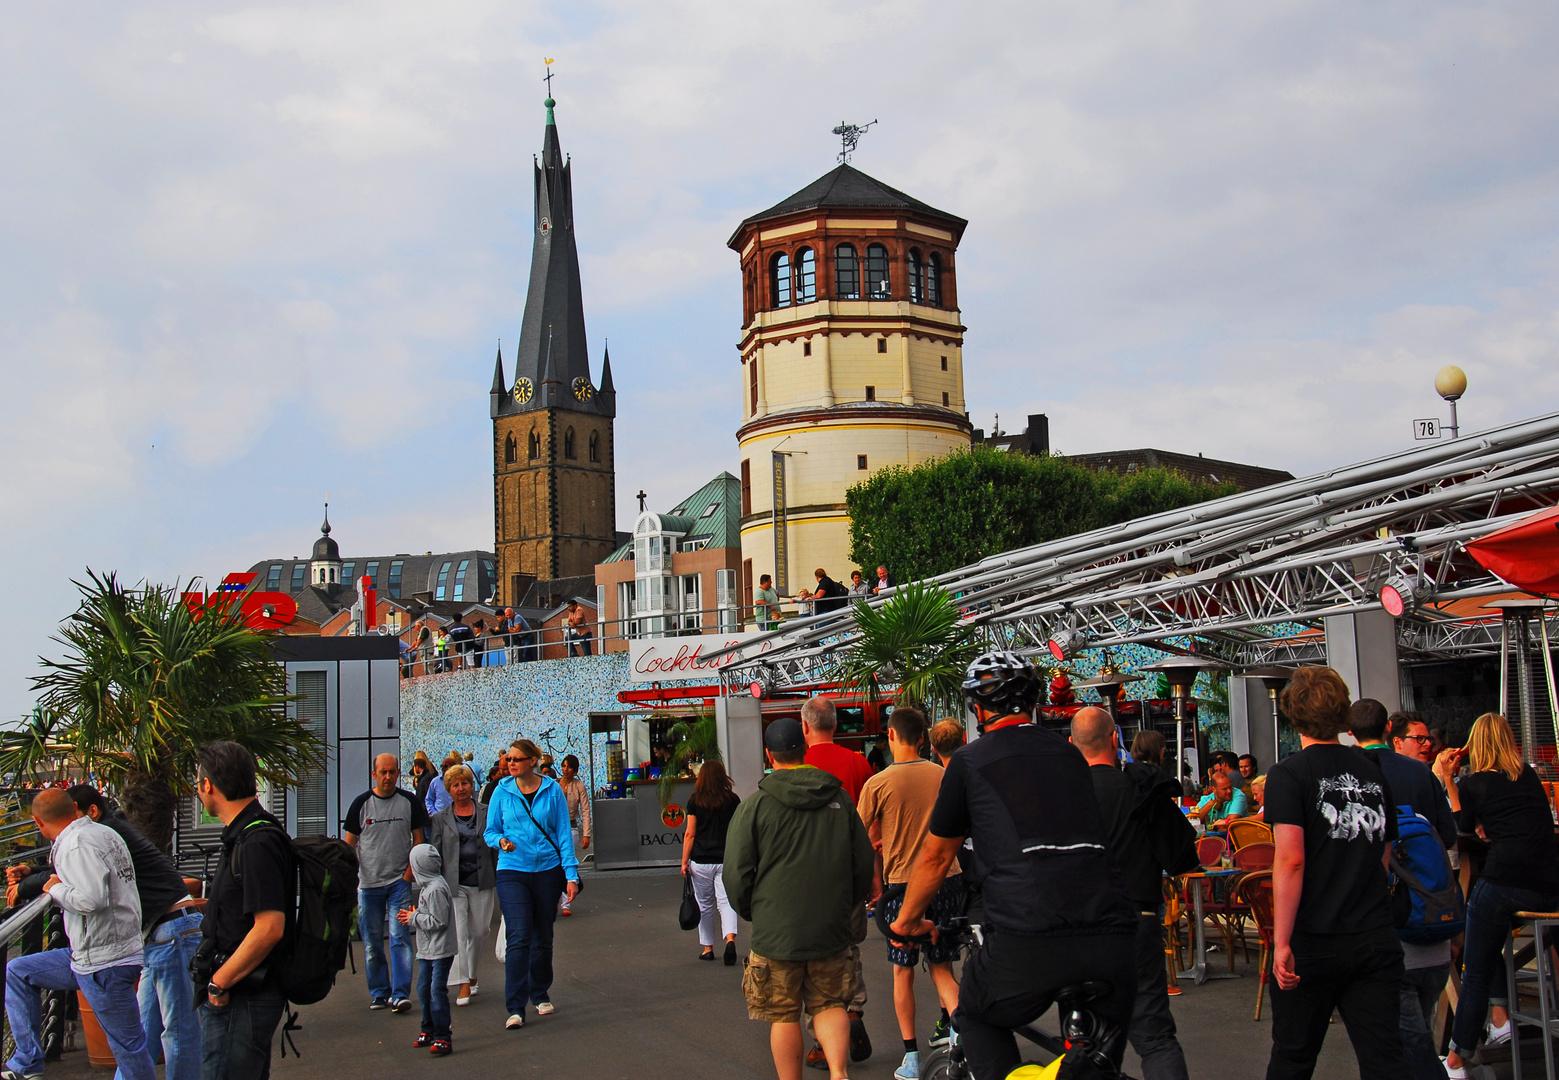 Düsseldorf, alter Schlossturm & Rheinpromenade samstagsabends